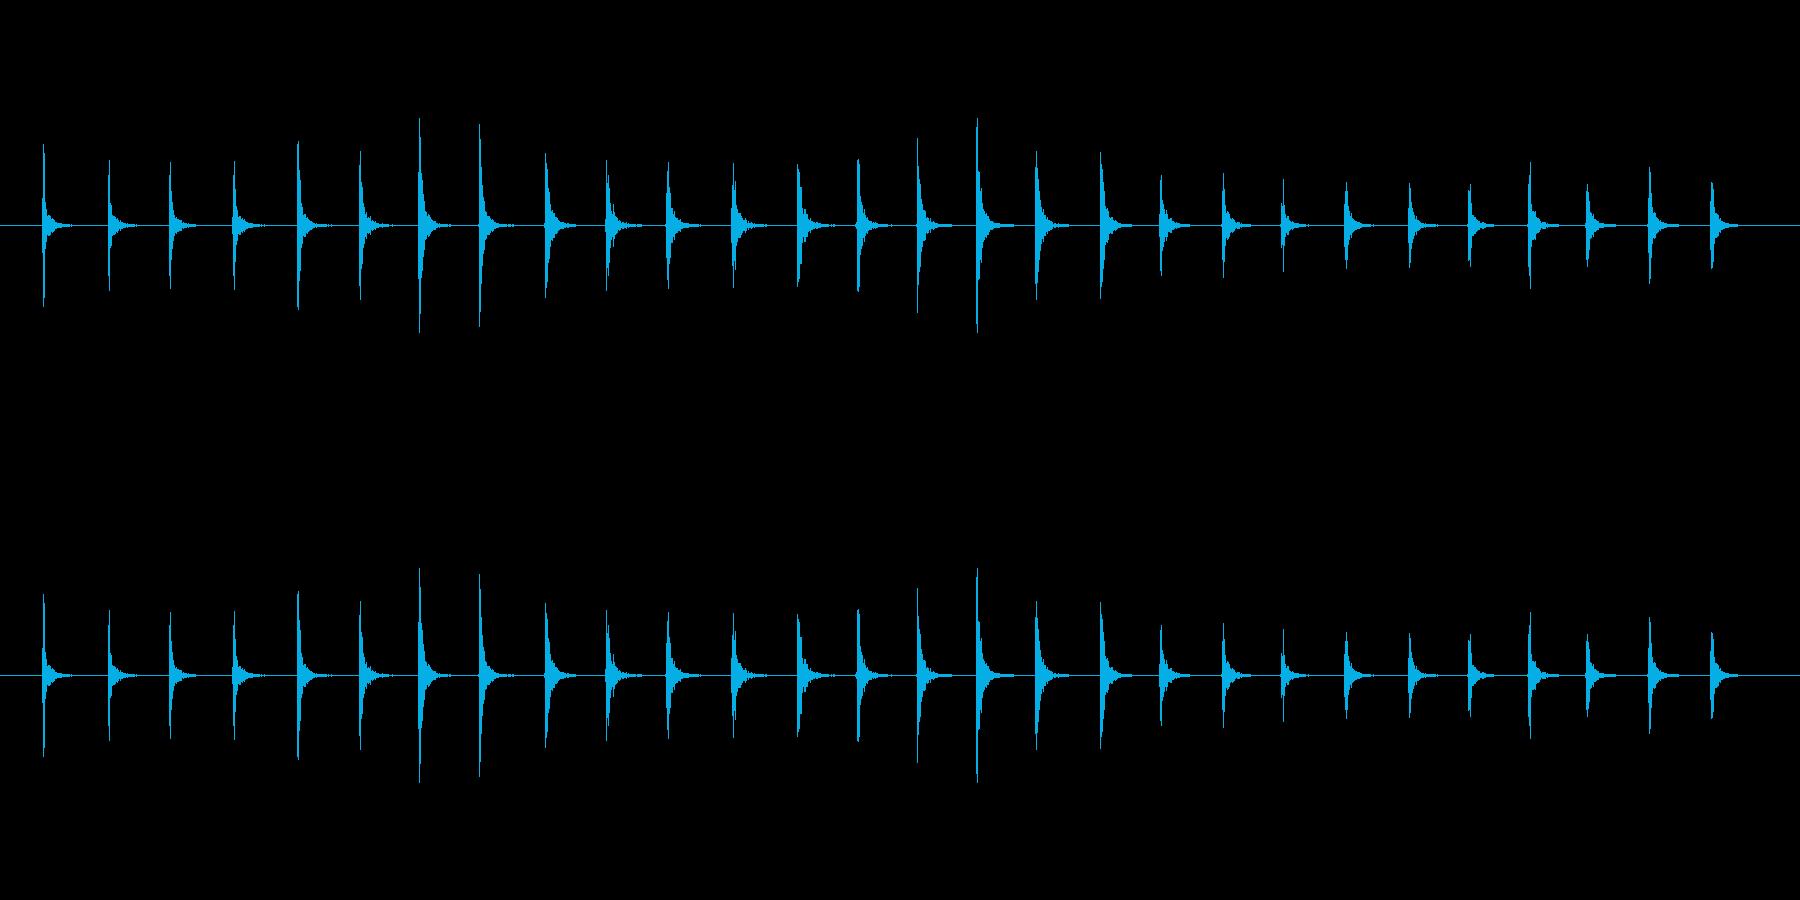 【生音】トントントン!というまな板の音…の再生済みの波形